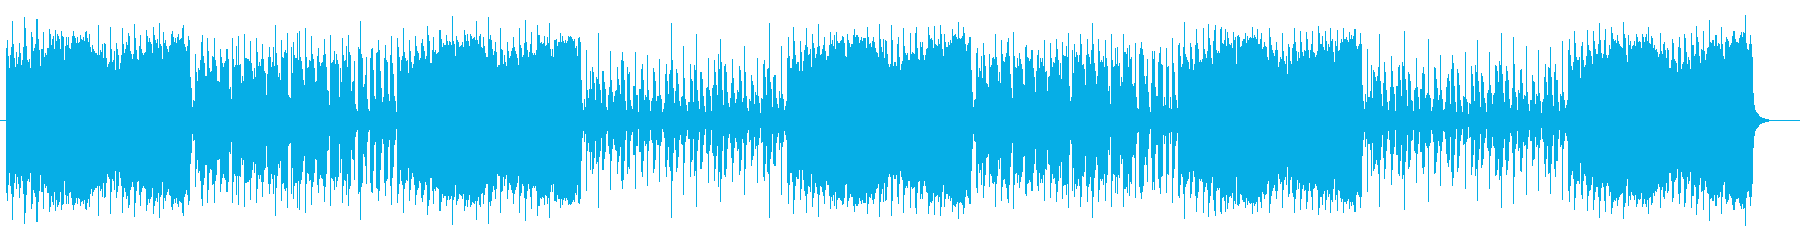 穏やかでほのぼのとしたハーモニカポップスの再生済みの波形